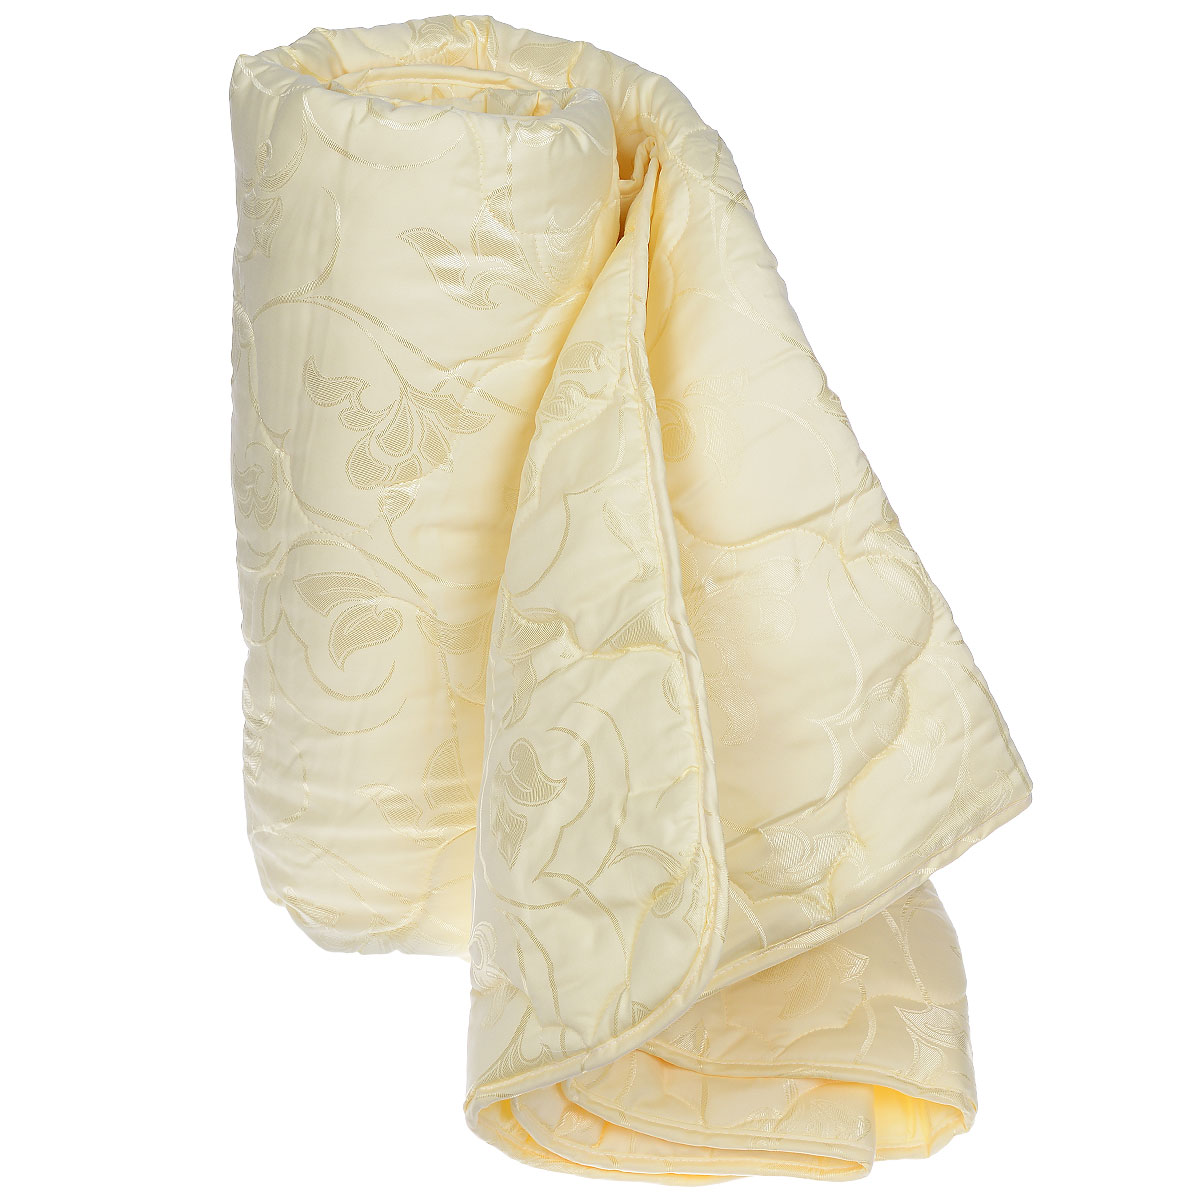 Одеяло Sova & Javoronok, наполнитель: шелк, полиэфирное волокно, цвет: бежевый, 140 см х 205 см05030116080Чехол одеяла Sova & Javoronok выполнен из благородного сатина (100% хлопка) бежевого цвета.Наполнитель - полиэфирное волокно с добавлением шелка.Особенности наполнителя: - обладает высокими сорбционными свойствами, создавая эффект сухого тепла; - регулирует температурный режим; - не вызывает аллергических реакций.Шелк всегда считался одним из самых элитных и роскошных материалов. Очень нежный, легкий,шелк отлично приспосабливается к температуре тела и окружающей среды. Летом с подушкойиз шелка вы чувствуете прохладу, зимой - приятное тепло. В натуральном шелке не заводится ине живет пылевой клещ, также шелк обладает бактериостатическими свойствами (в нем неразмножаются патогенные бактерии), в нем не живут и не размножаются грибки и сапрофиты.Натуральный шелк гипоаллергенен и рекомендован людям с аллергическими реакциями. Привпитывании шелком влаги до 30% от собственного веса он остается сухим на ощупь.Натуральный шелк не электризуется. Одеяло Sova & Javoronok упакована в тканно-пластиковый чехол на змейке с ручками, чтоявляется чрезвычайно удобным при переноске.Рекомендации по уходу:- Стирка запрещена,- Нельзя отбеливать. При стирке не использовать средства, содержащие отбеливатели (хлор),- Не гладить. Не применять обработку паром,- Химчистка с использованием углеводорода, хлорного этилена,- Нельзя выжимать и сушить в стиральной машине. Размер одеяла: 140 см х 205 см.Материал чехла: сатин (100% хлопок). Материал наполнителя: шелковое волокно.